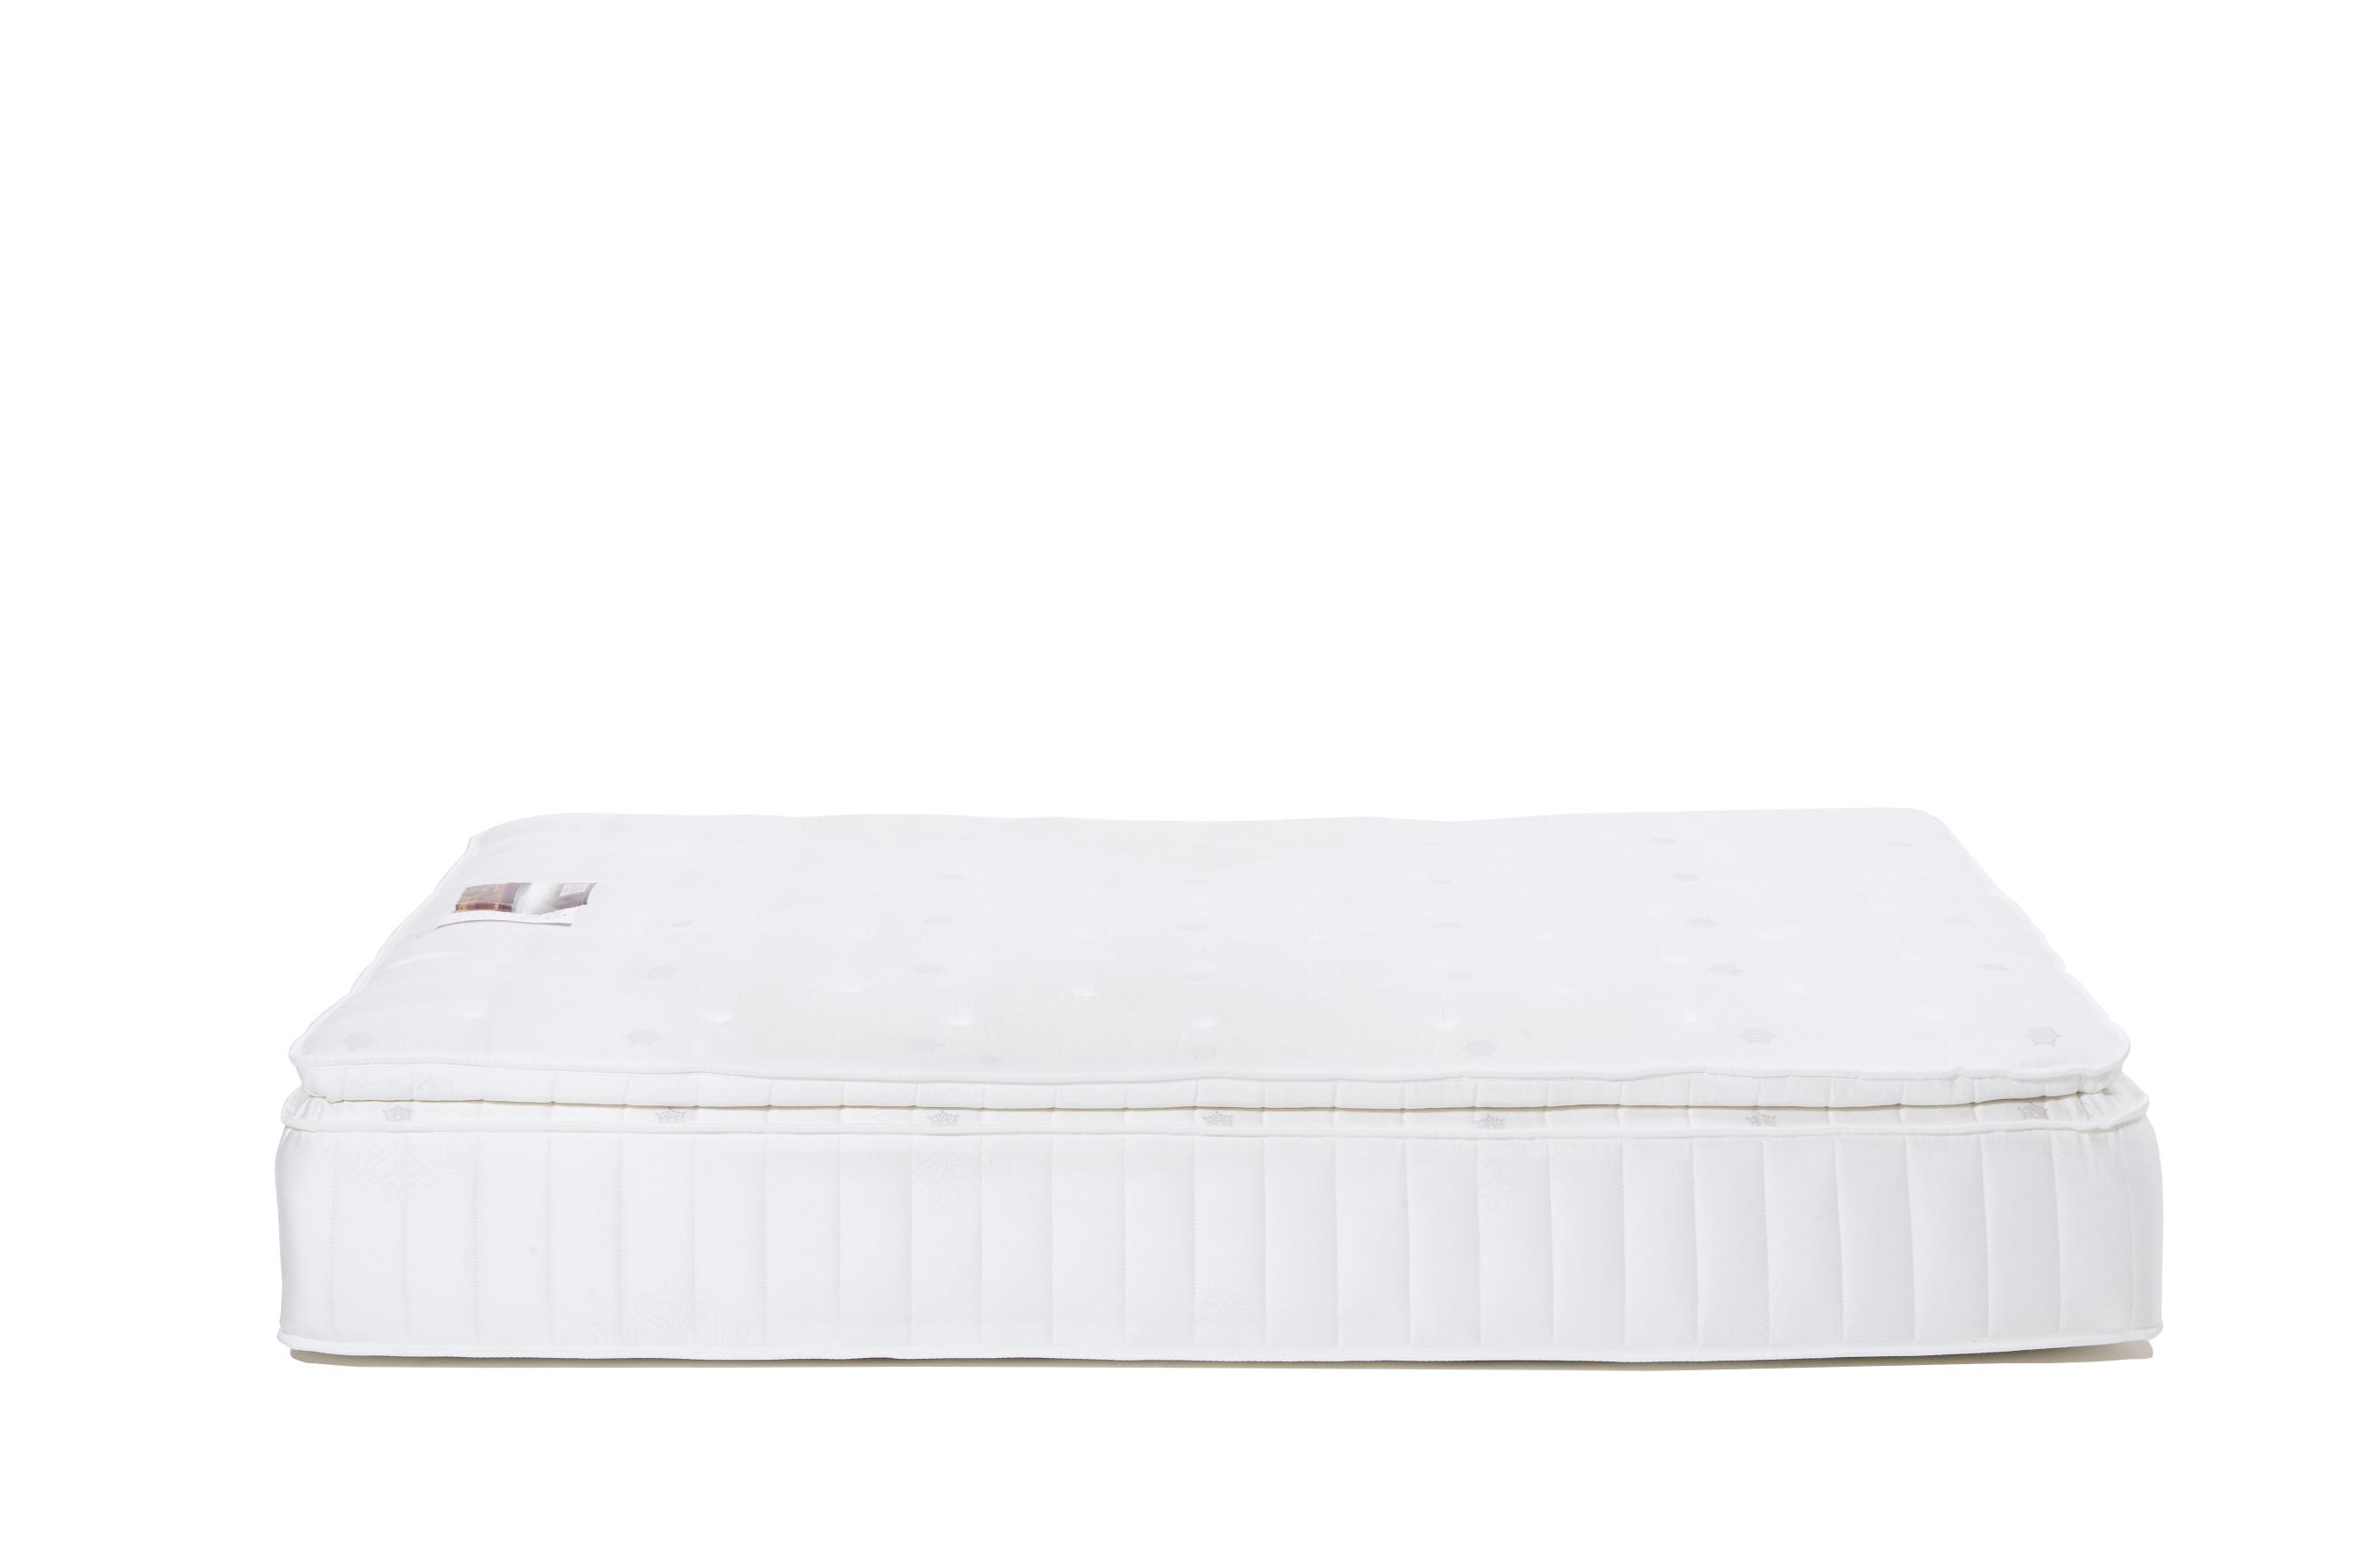 King Koil Caseys 2000 Natural Comfort Mattress